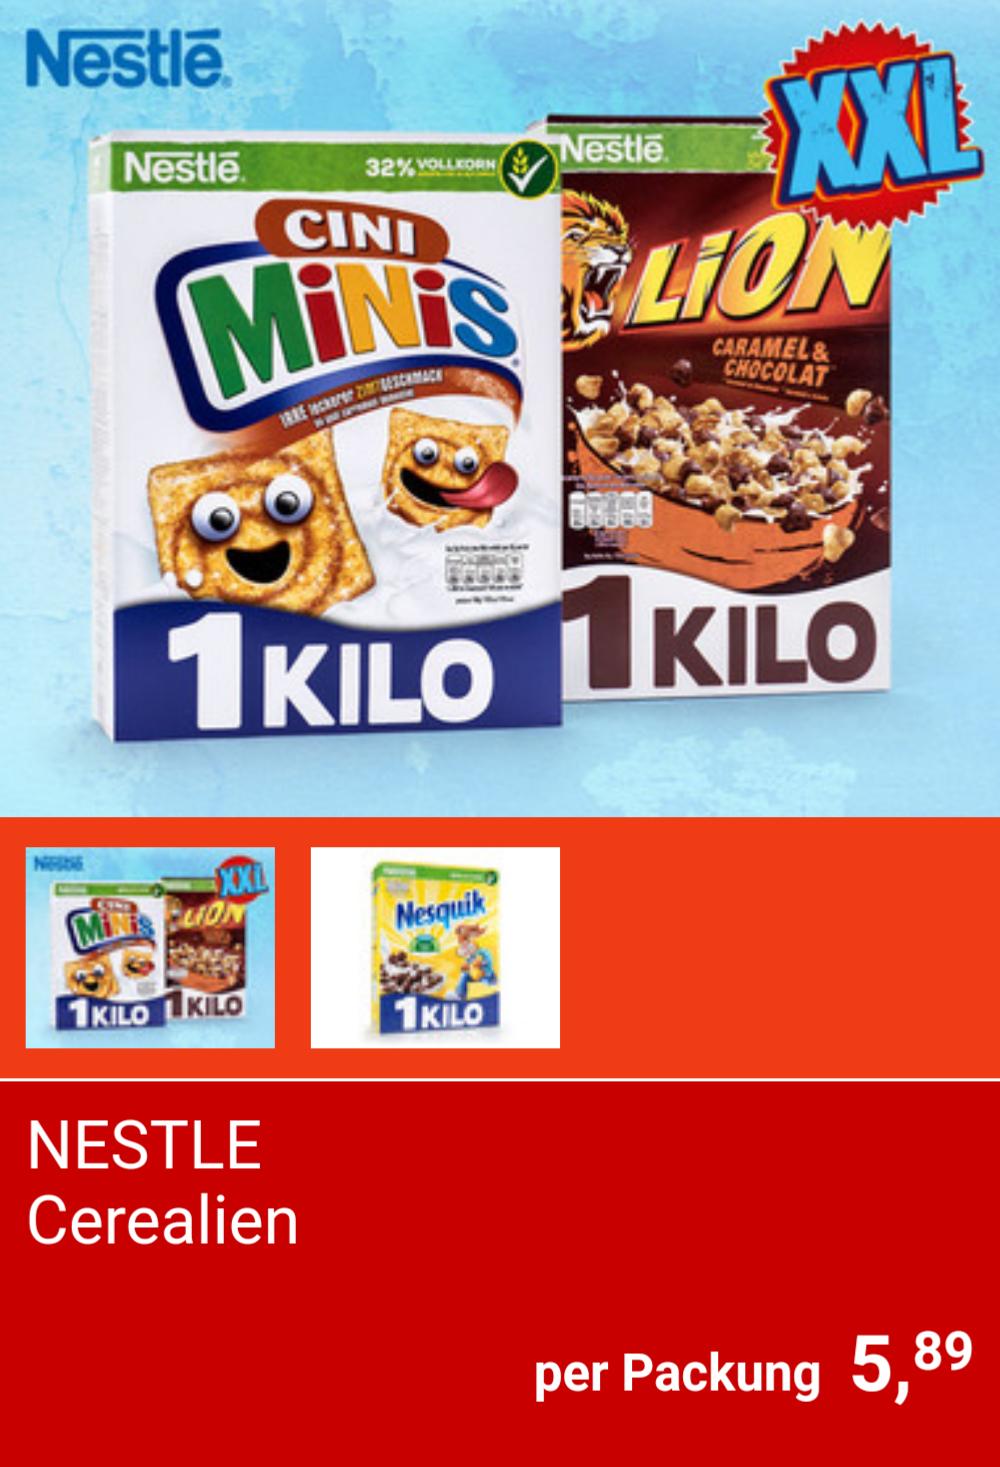 [Hofer] Nestlé Cerealien Cini Minis, Lion und Nesquik